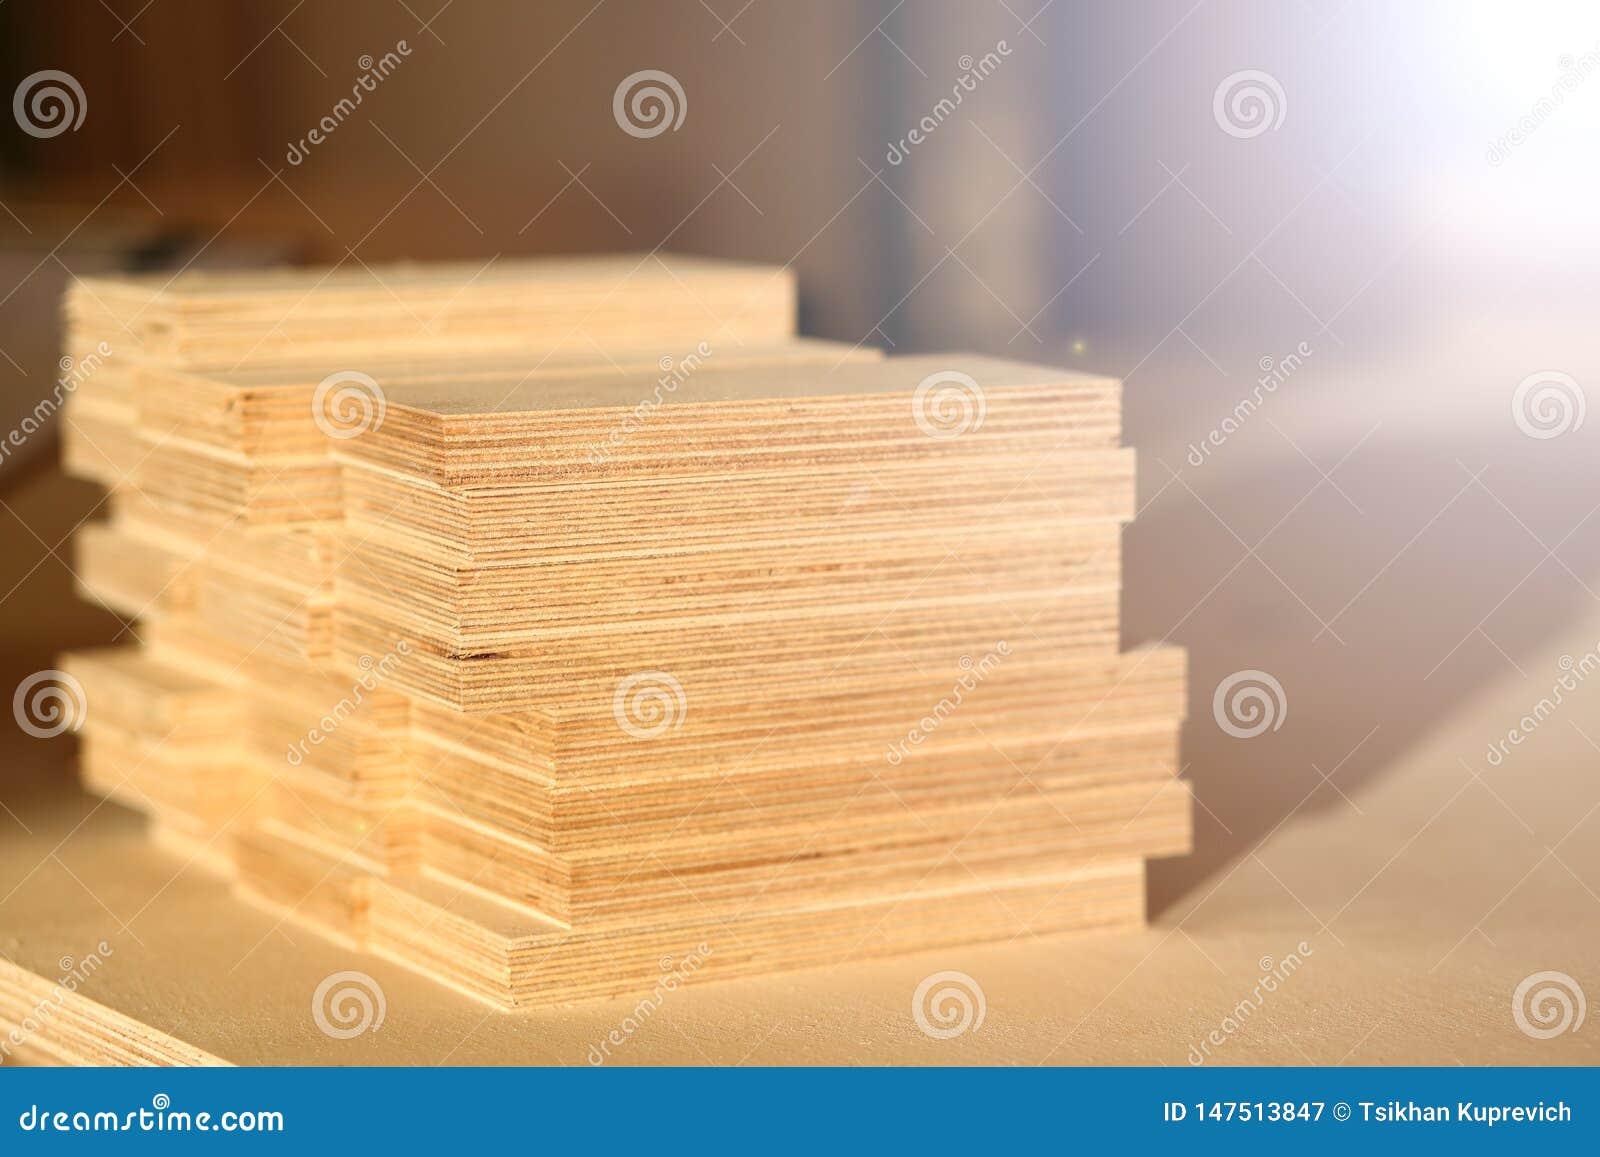 Barras de madeira que encontram-se em seguido close up